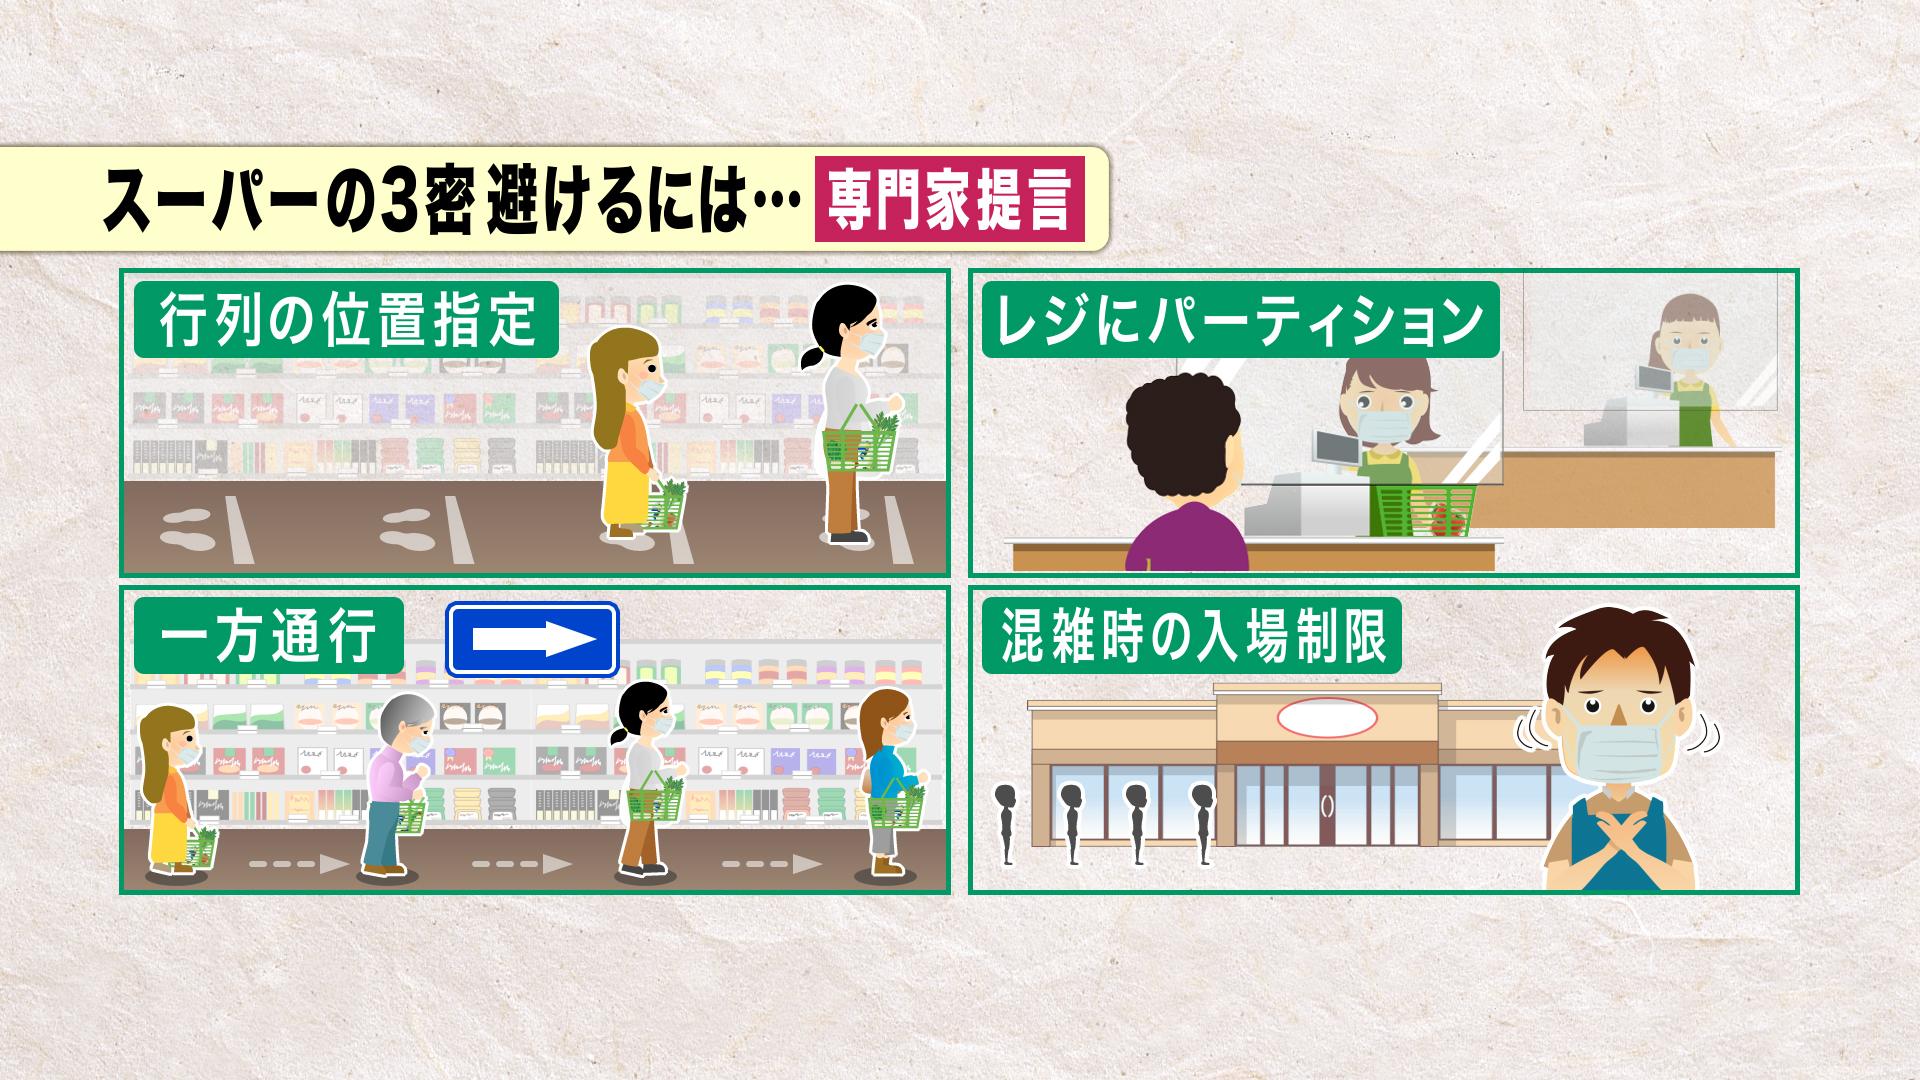 """スーパーでの""""3密""""回避はできるのか? 大阪のスーパーに聞きました"""